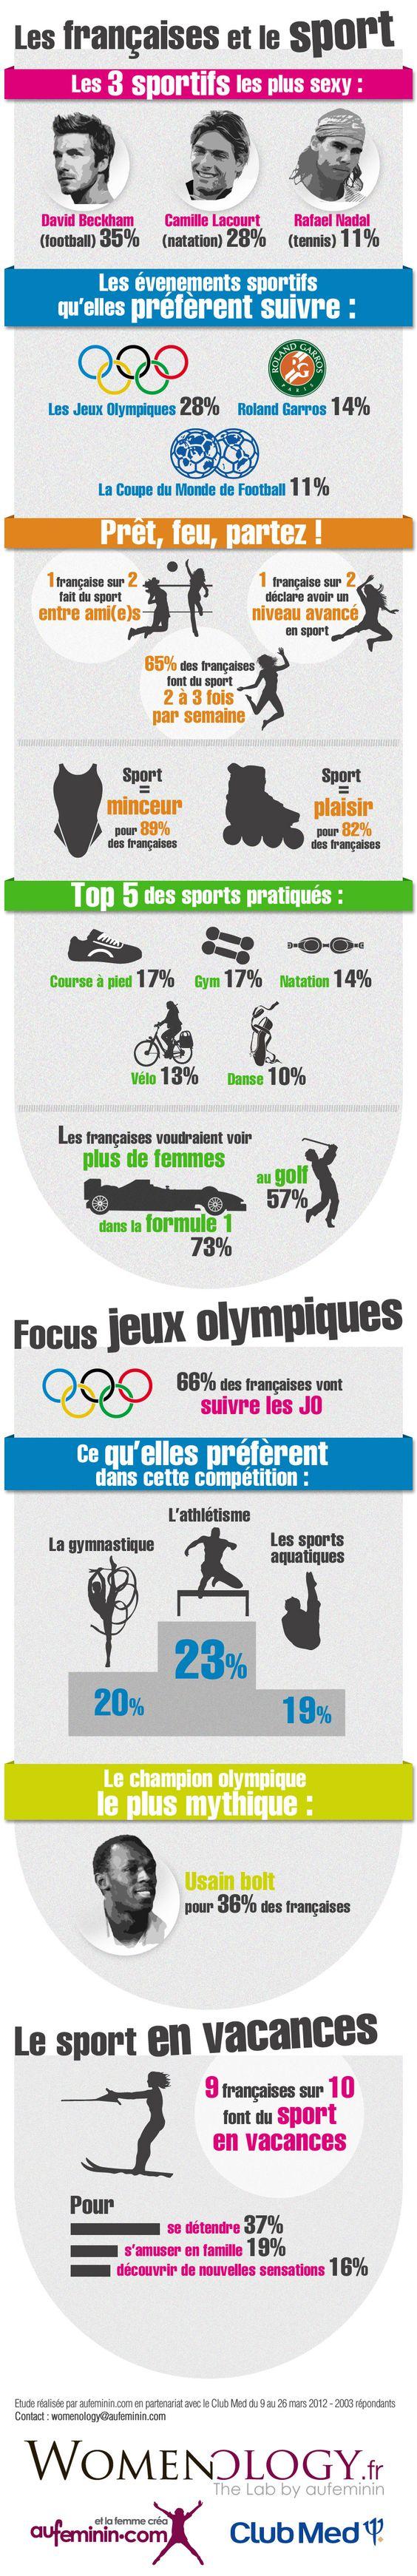 les francaises et le sport